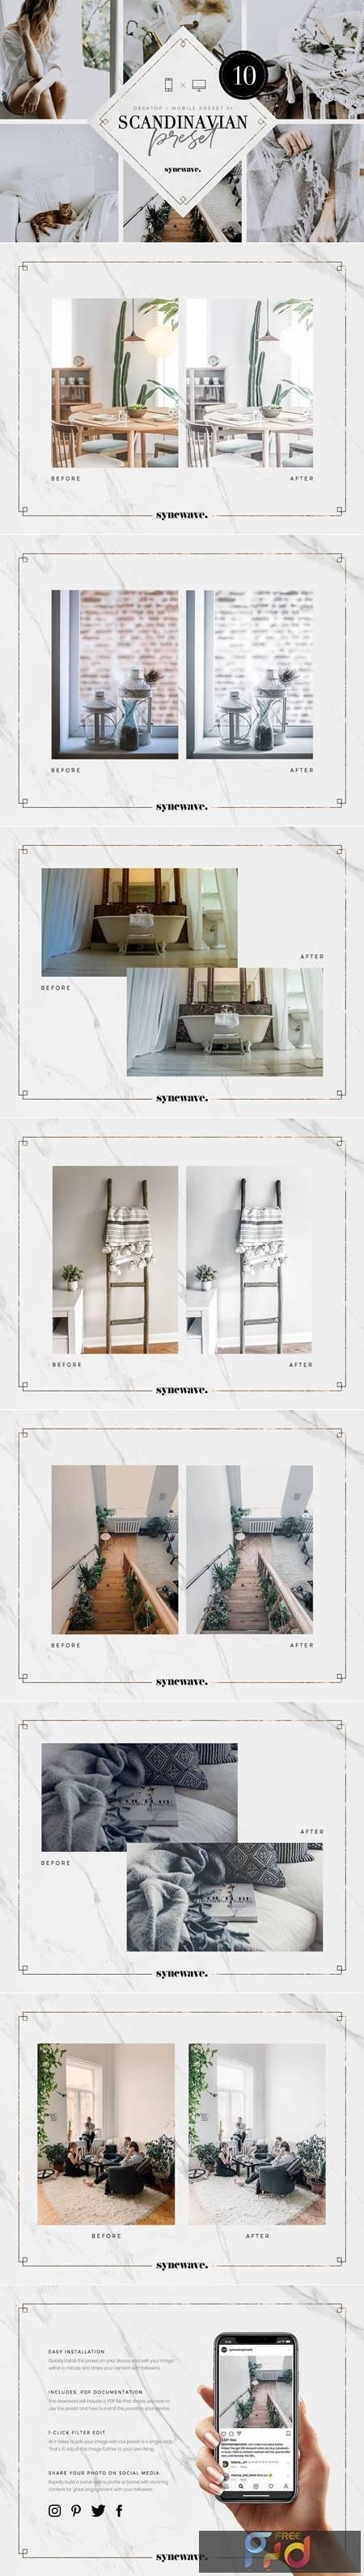 Scandinavian Lightroom Presets 5251277 1